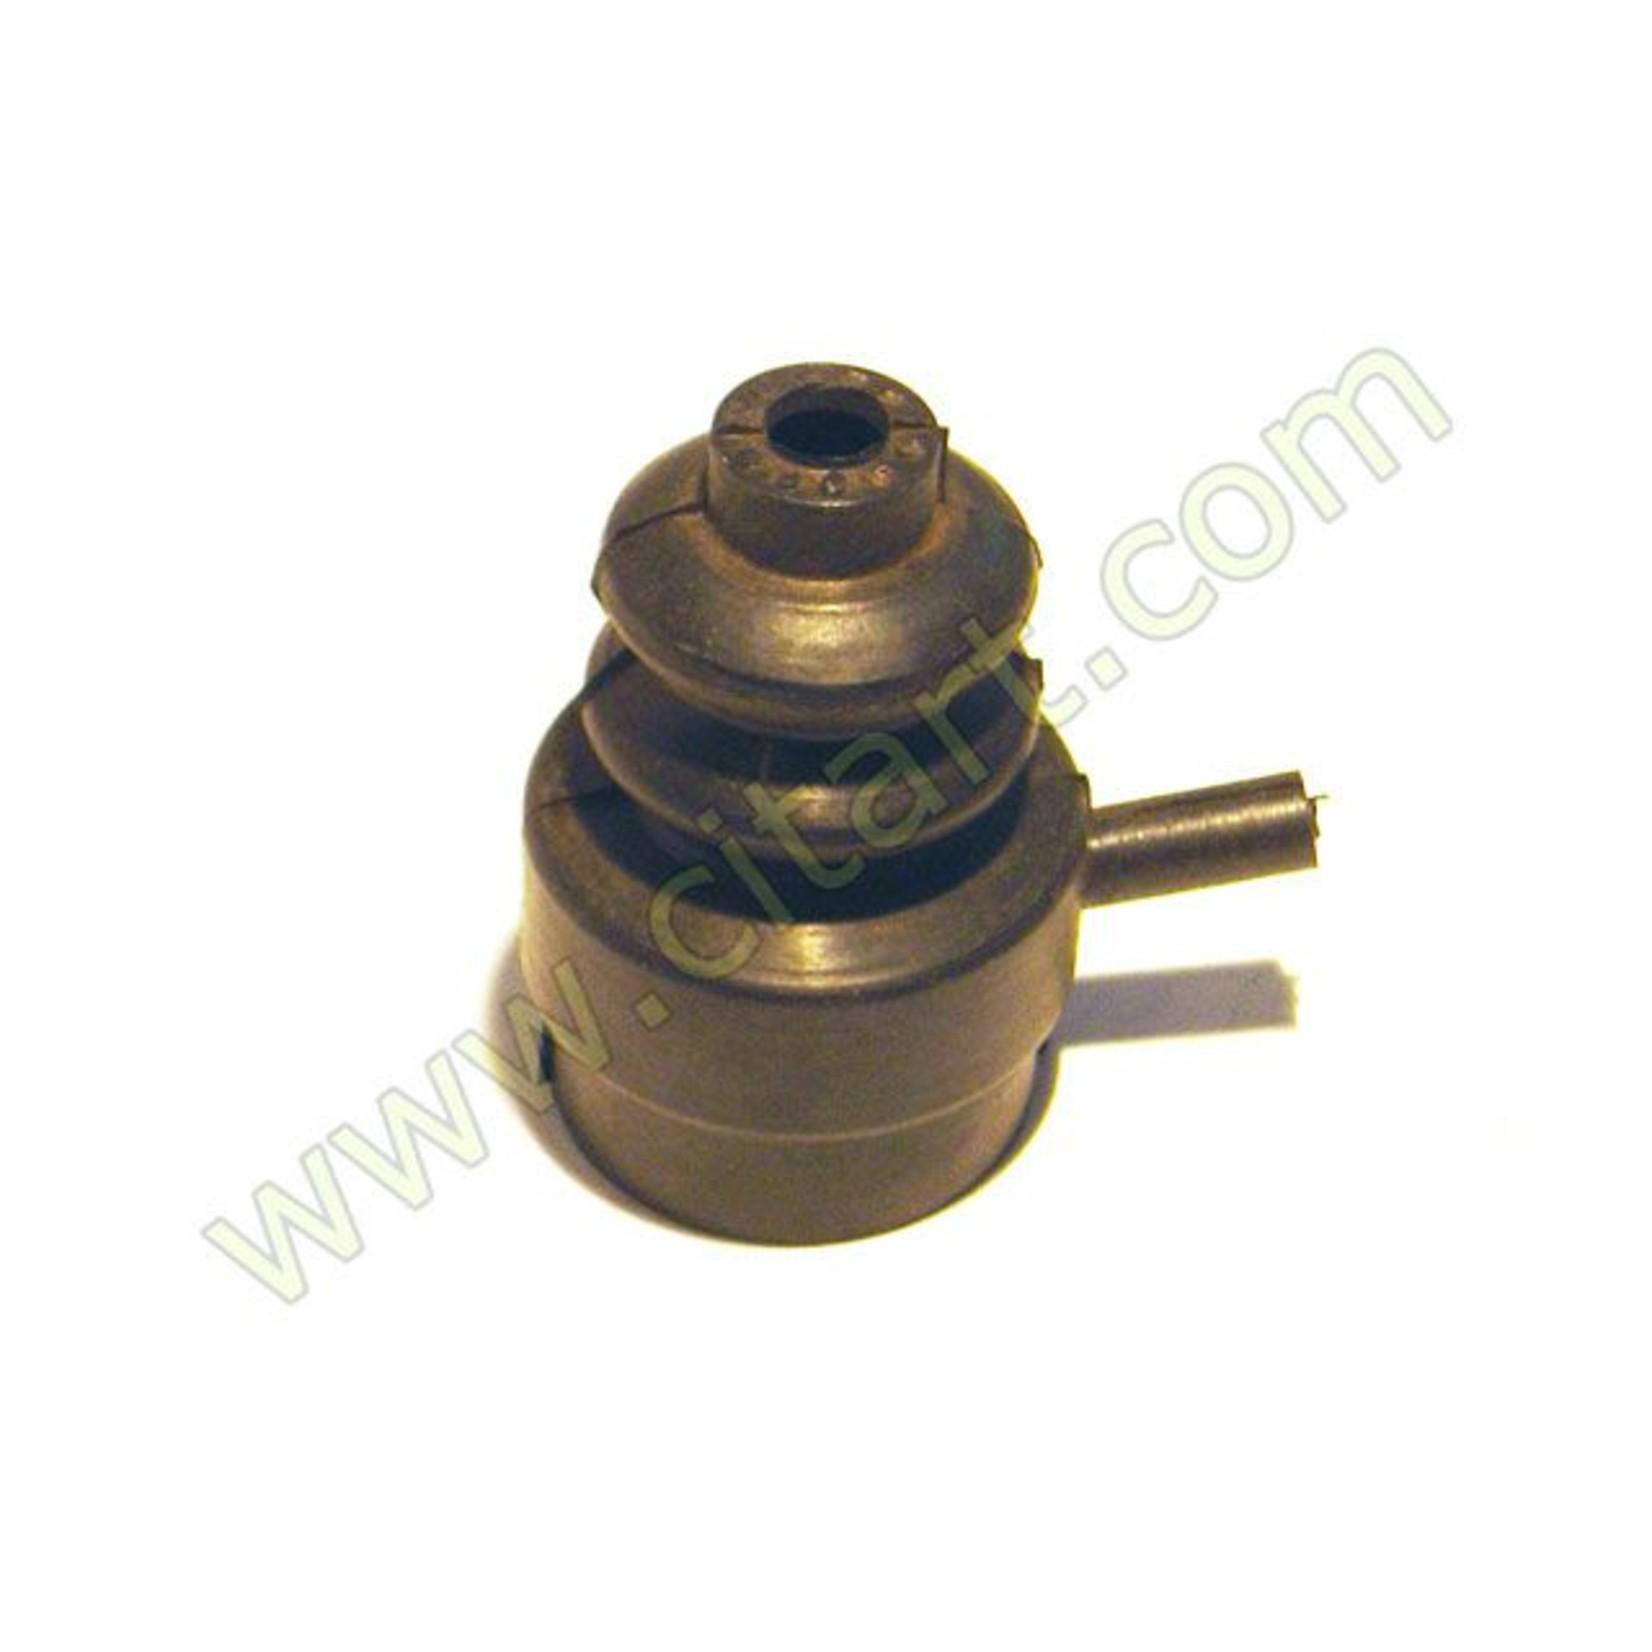 Lekzak koppelingscilinder Nr Org: DX31458A